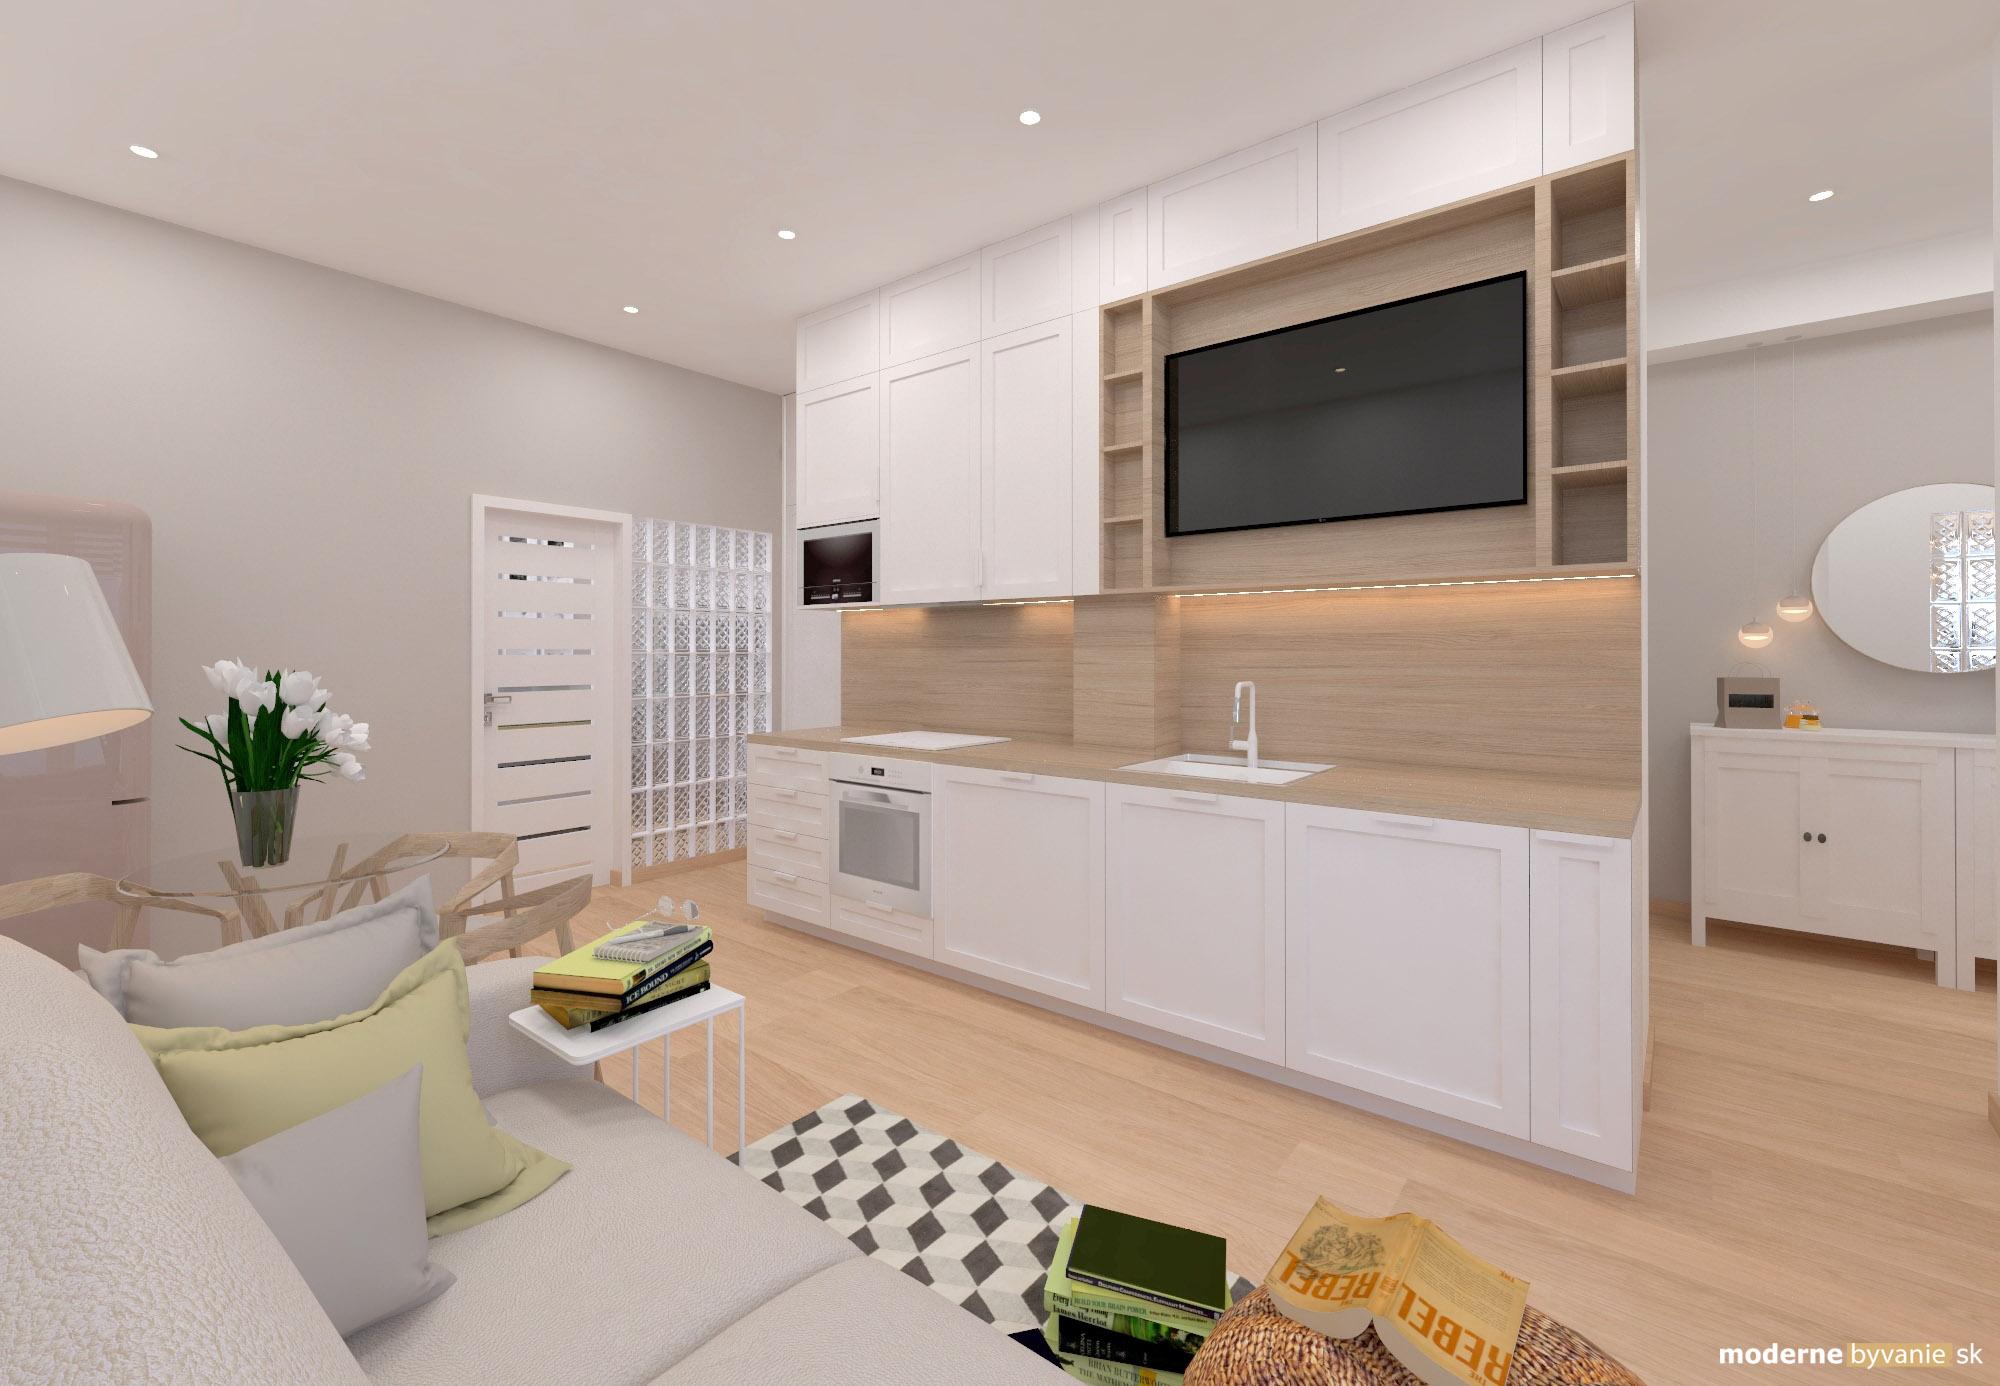 Návrh interiéru - Obývačka s kuchyňou - Bytový dizajn malého bytu s veľkou izbou